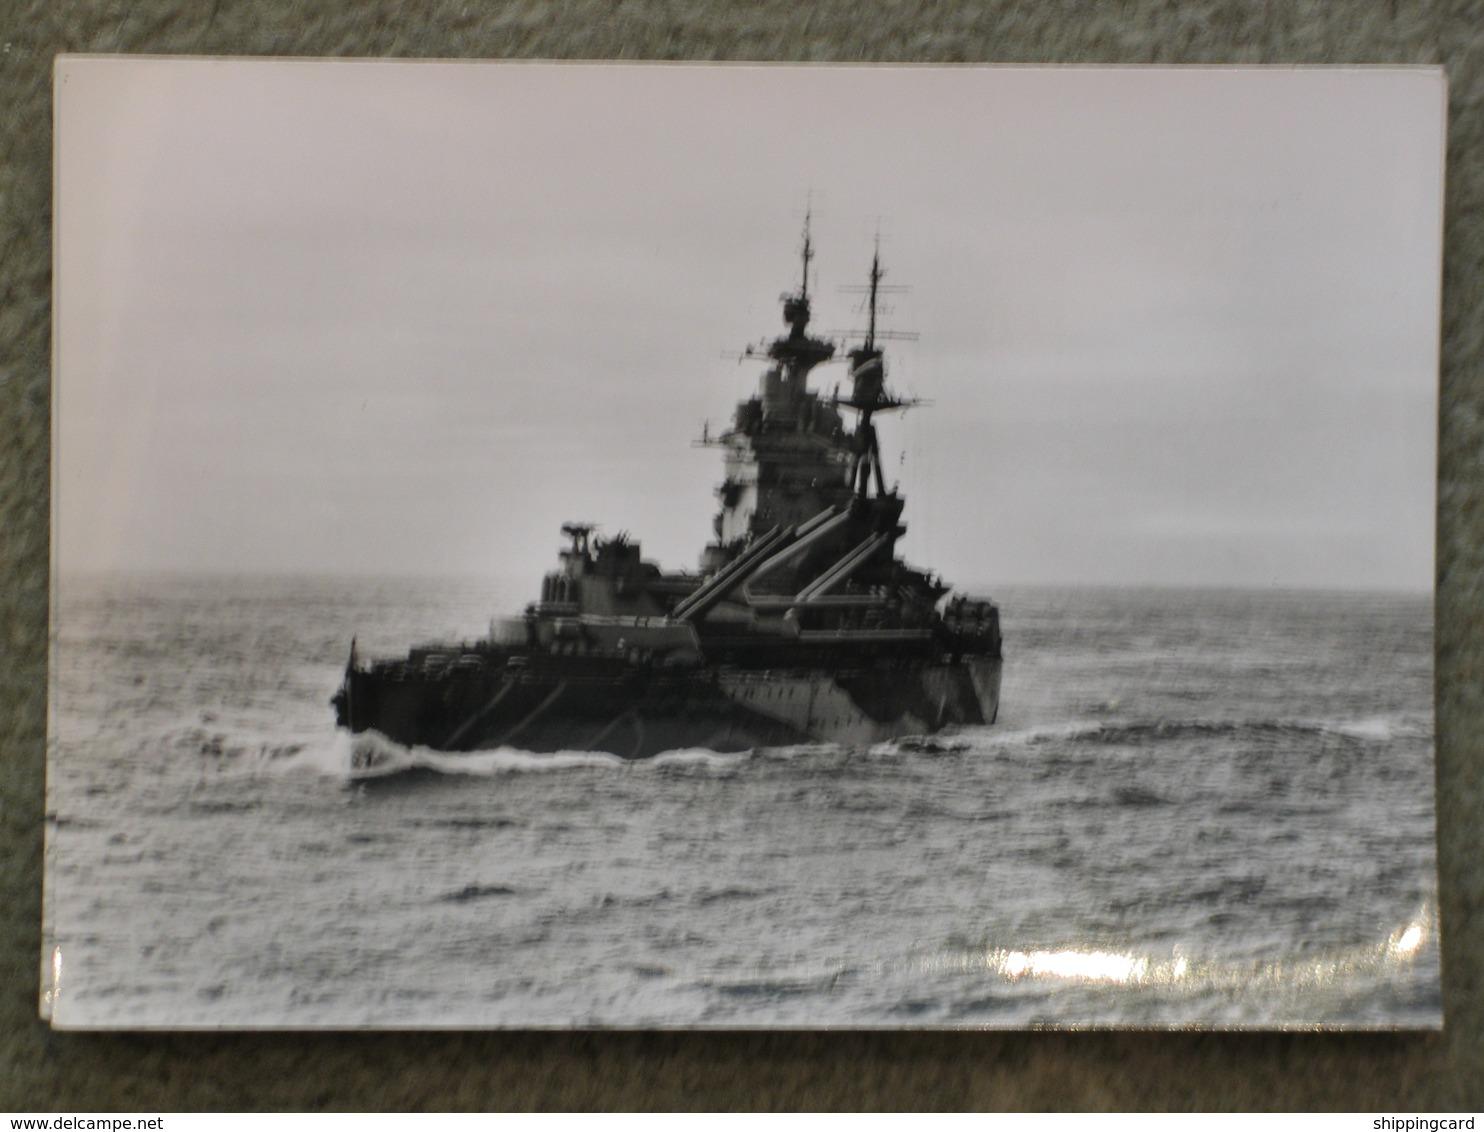 HMS RODNEY RP - Warships